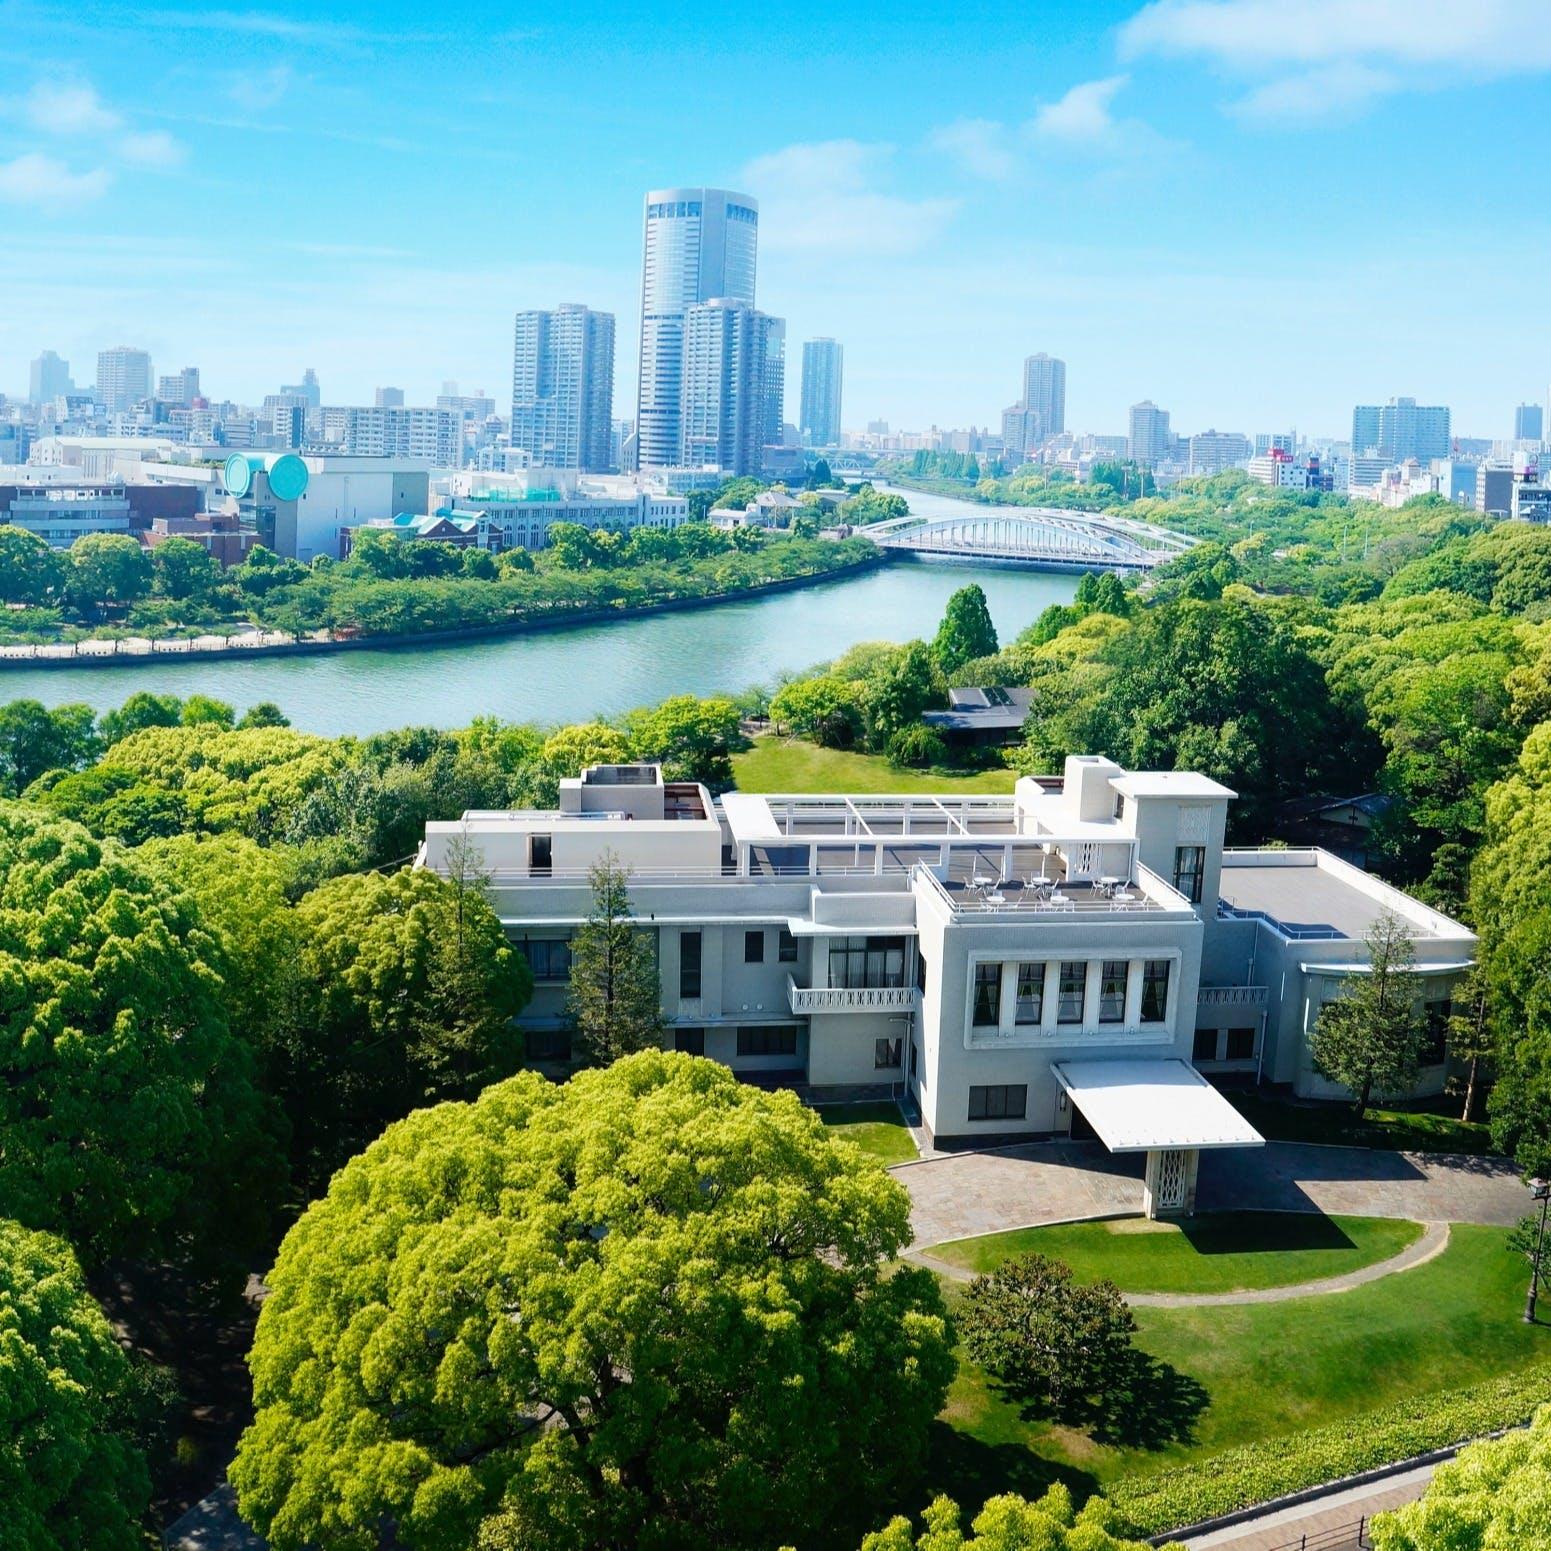 約4000坪の広大な敷地を持つ緑豊かな迎賓館